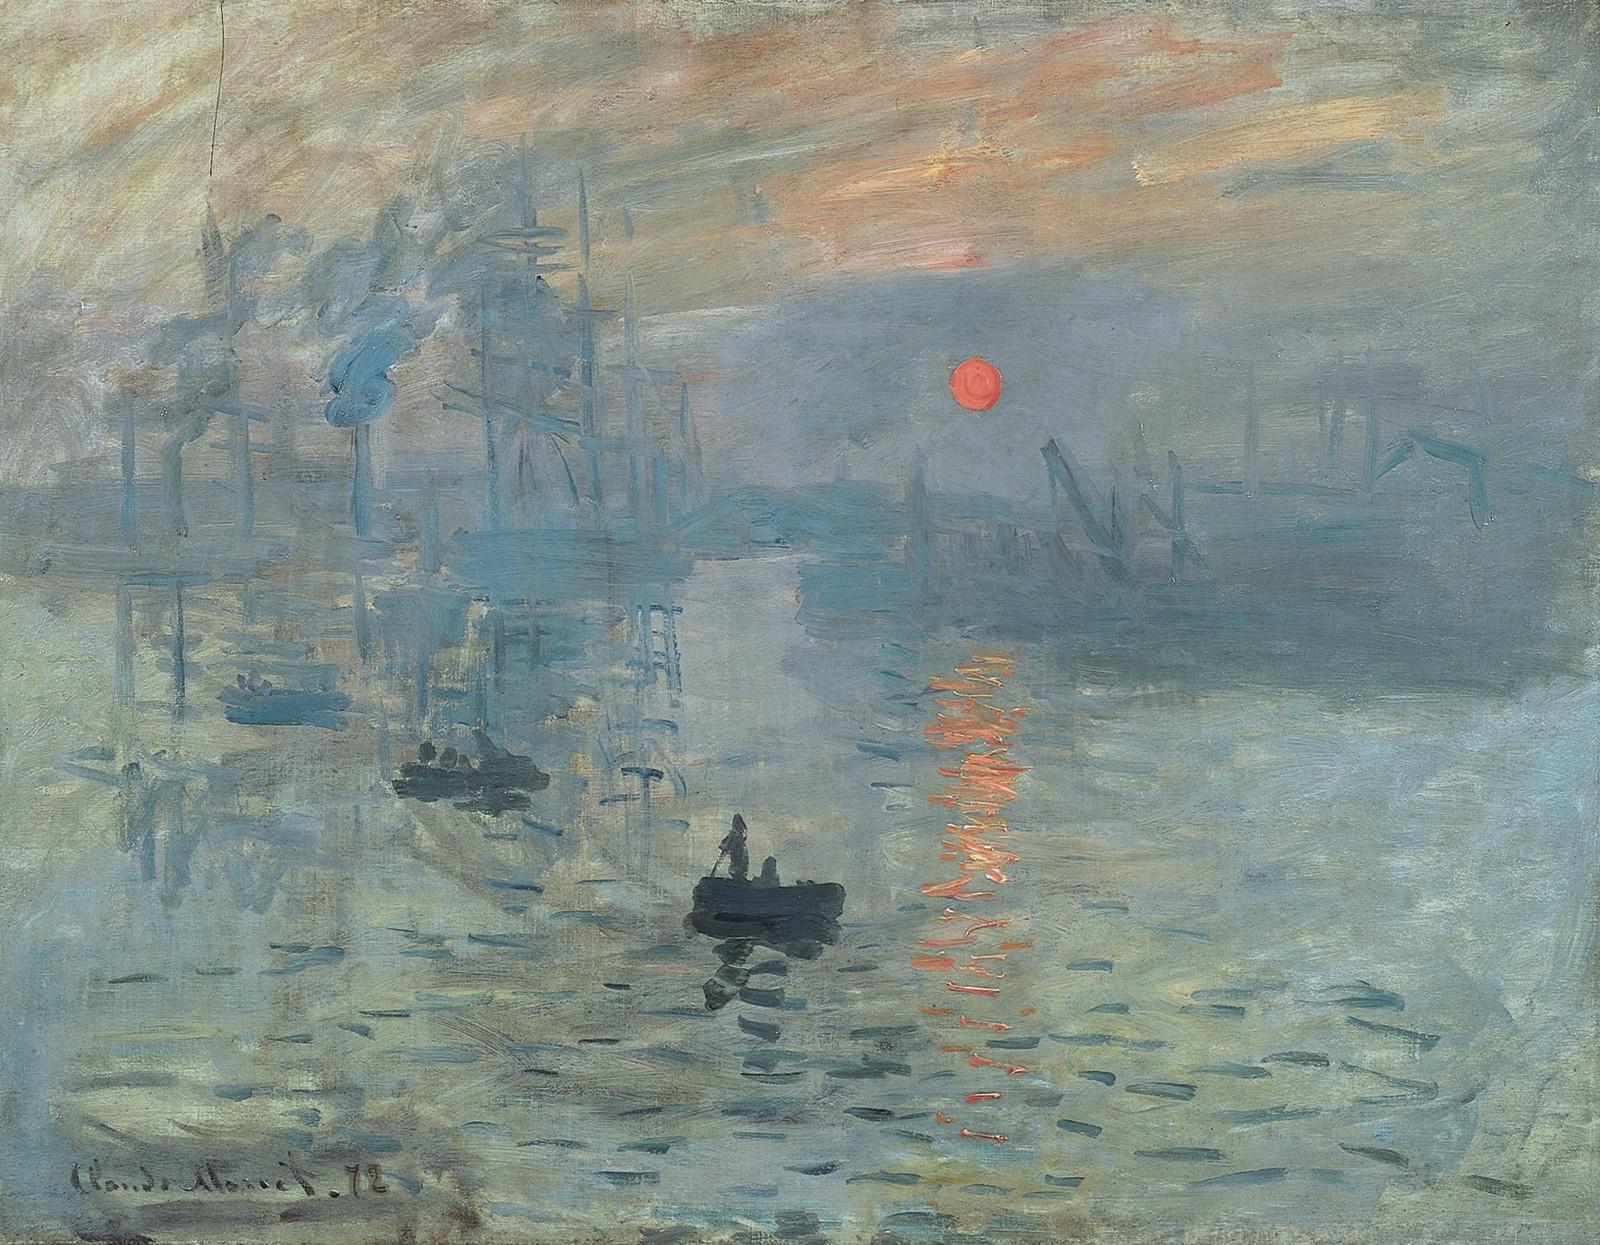 Les Foulées Mélomanes du Violoncelliste-De l'Aube au Crépuscule-Impression Soleil Levant-Monet-ParisBazaar-Berlingen